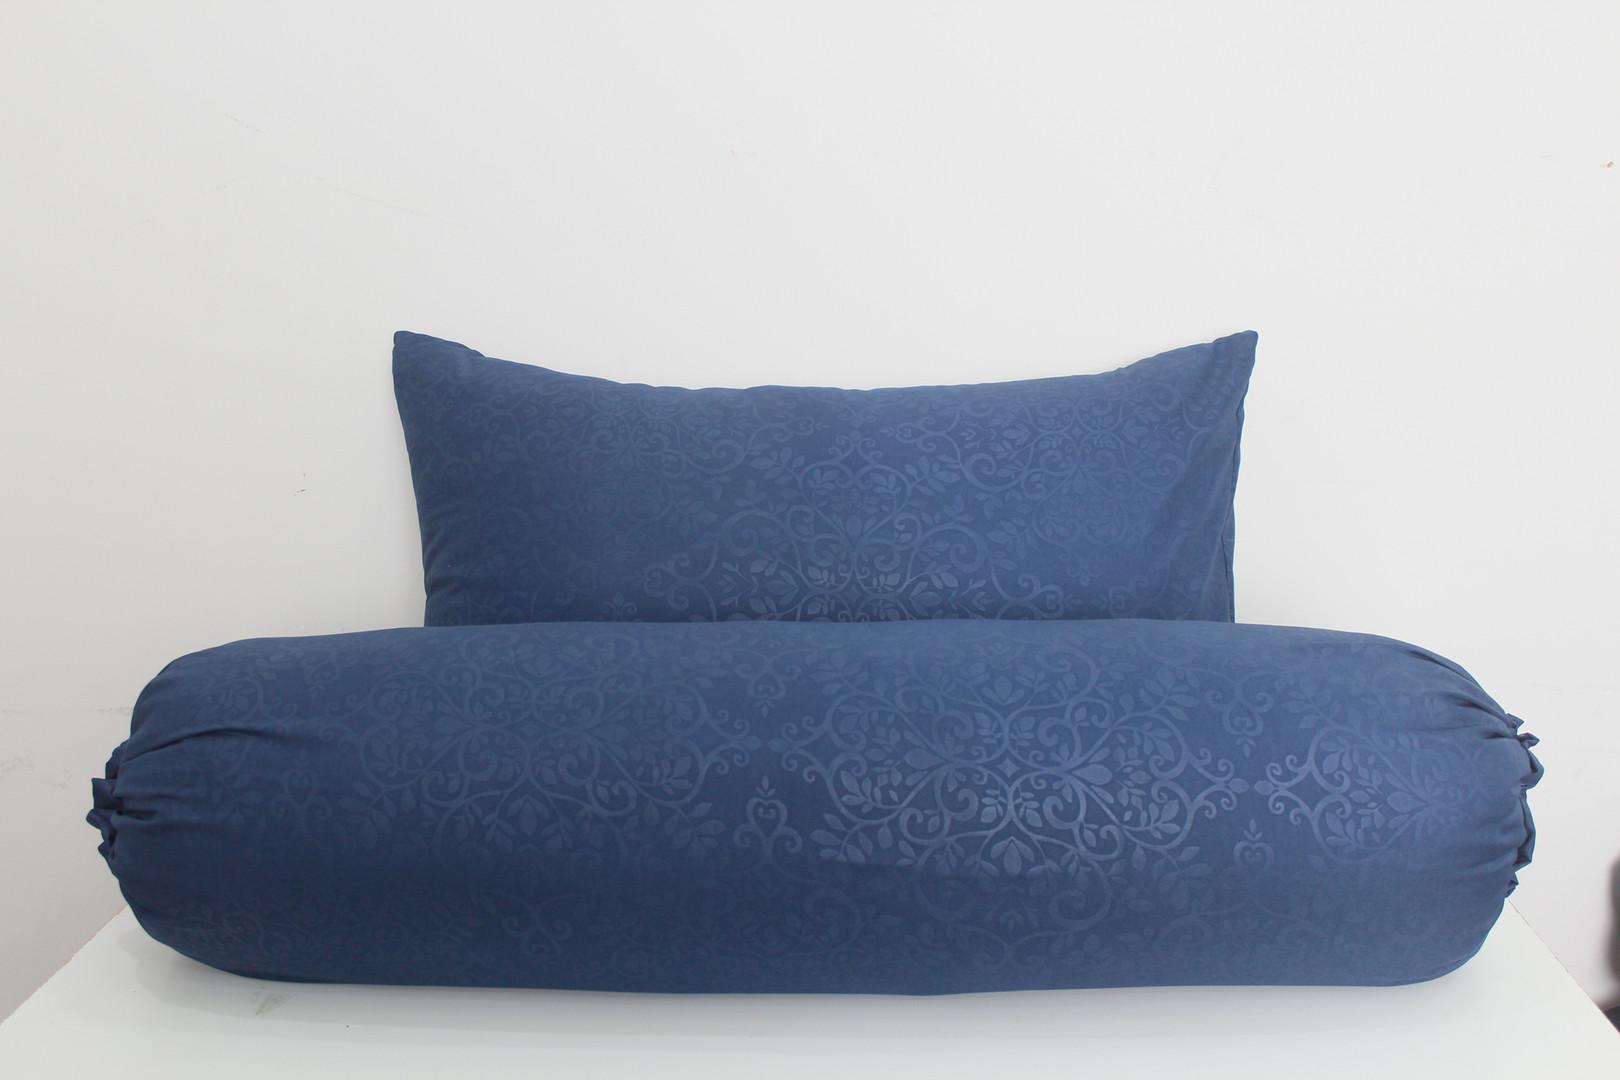 sarung bantal guling microtex biru